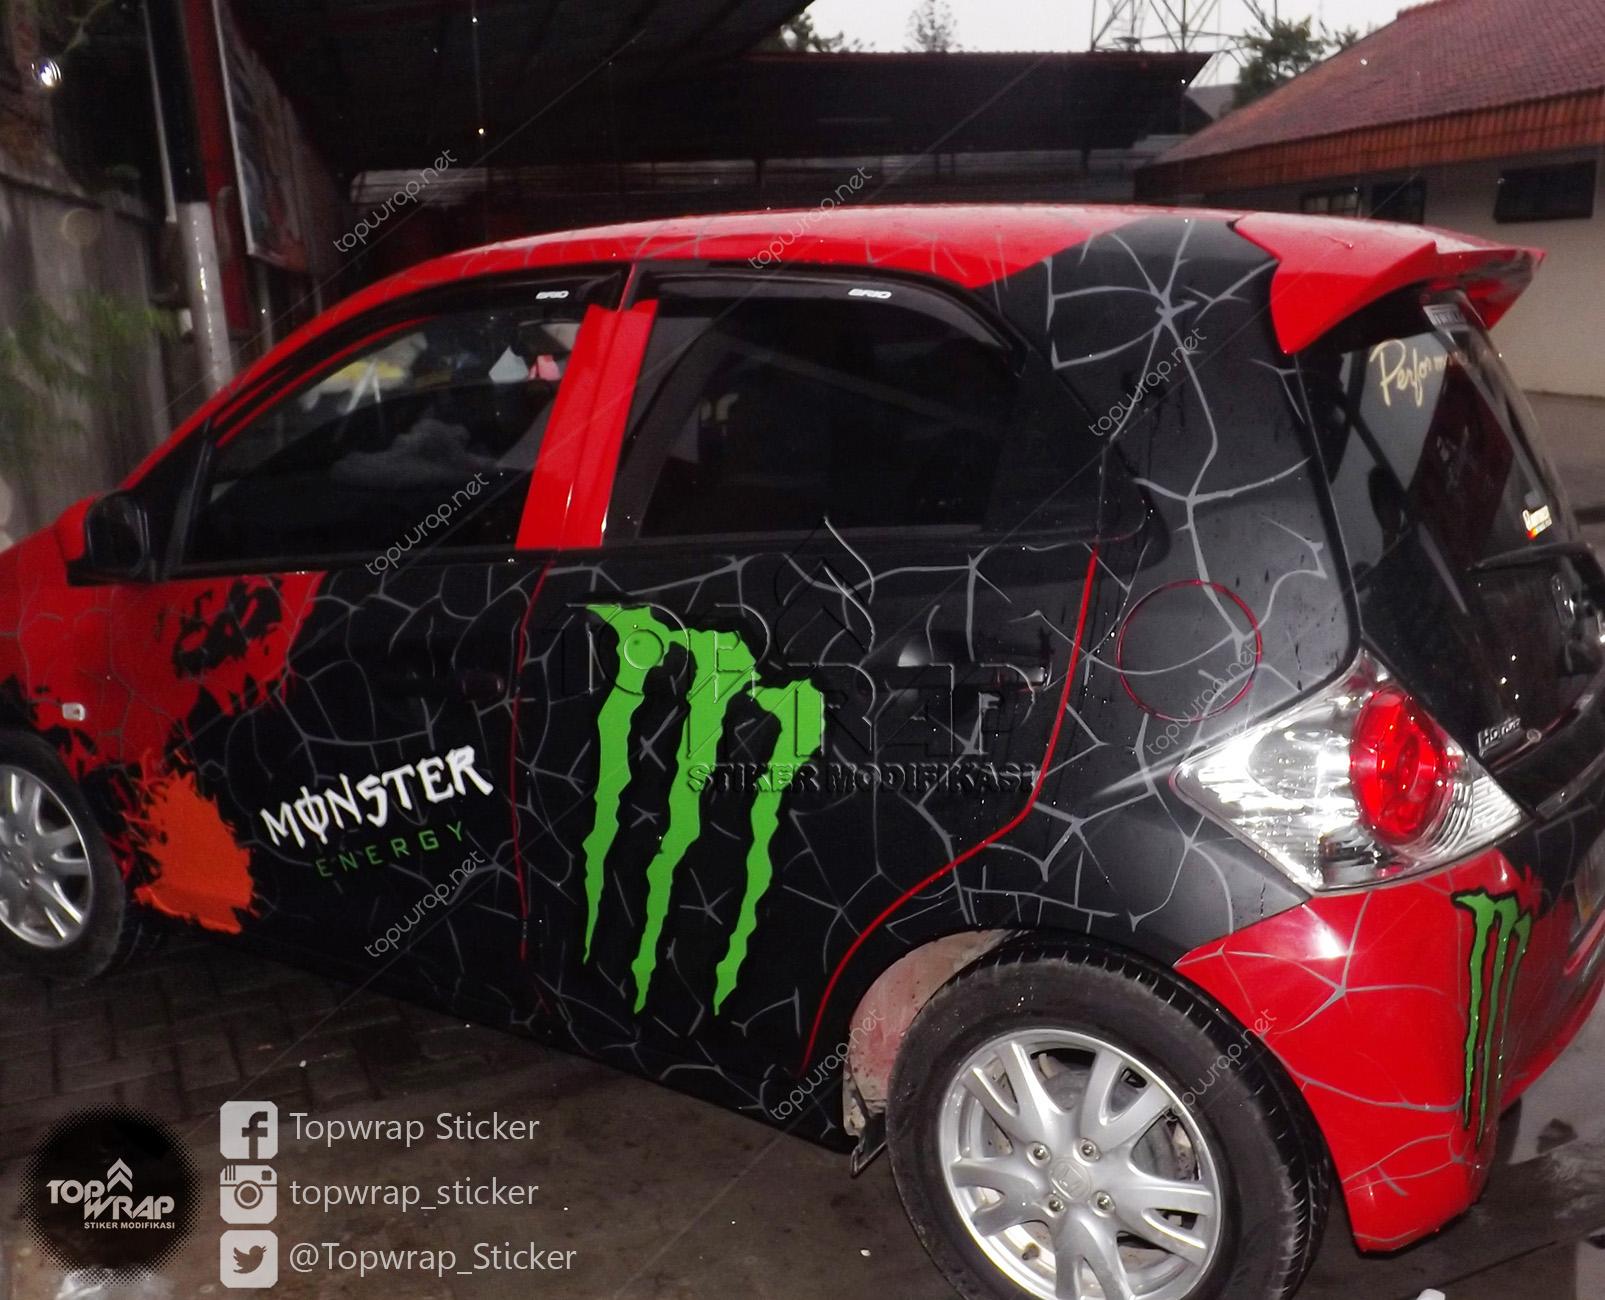 Foto Modifikasi Terkeren Striping ala Monster Energi 2015